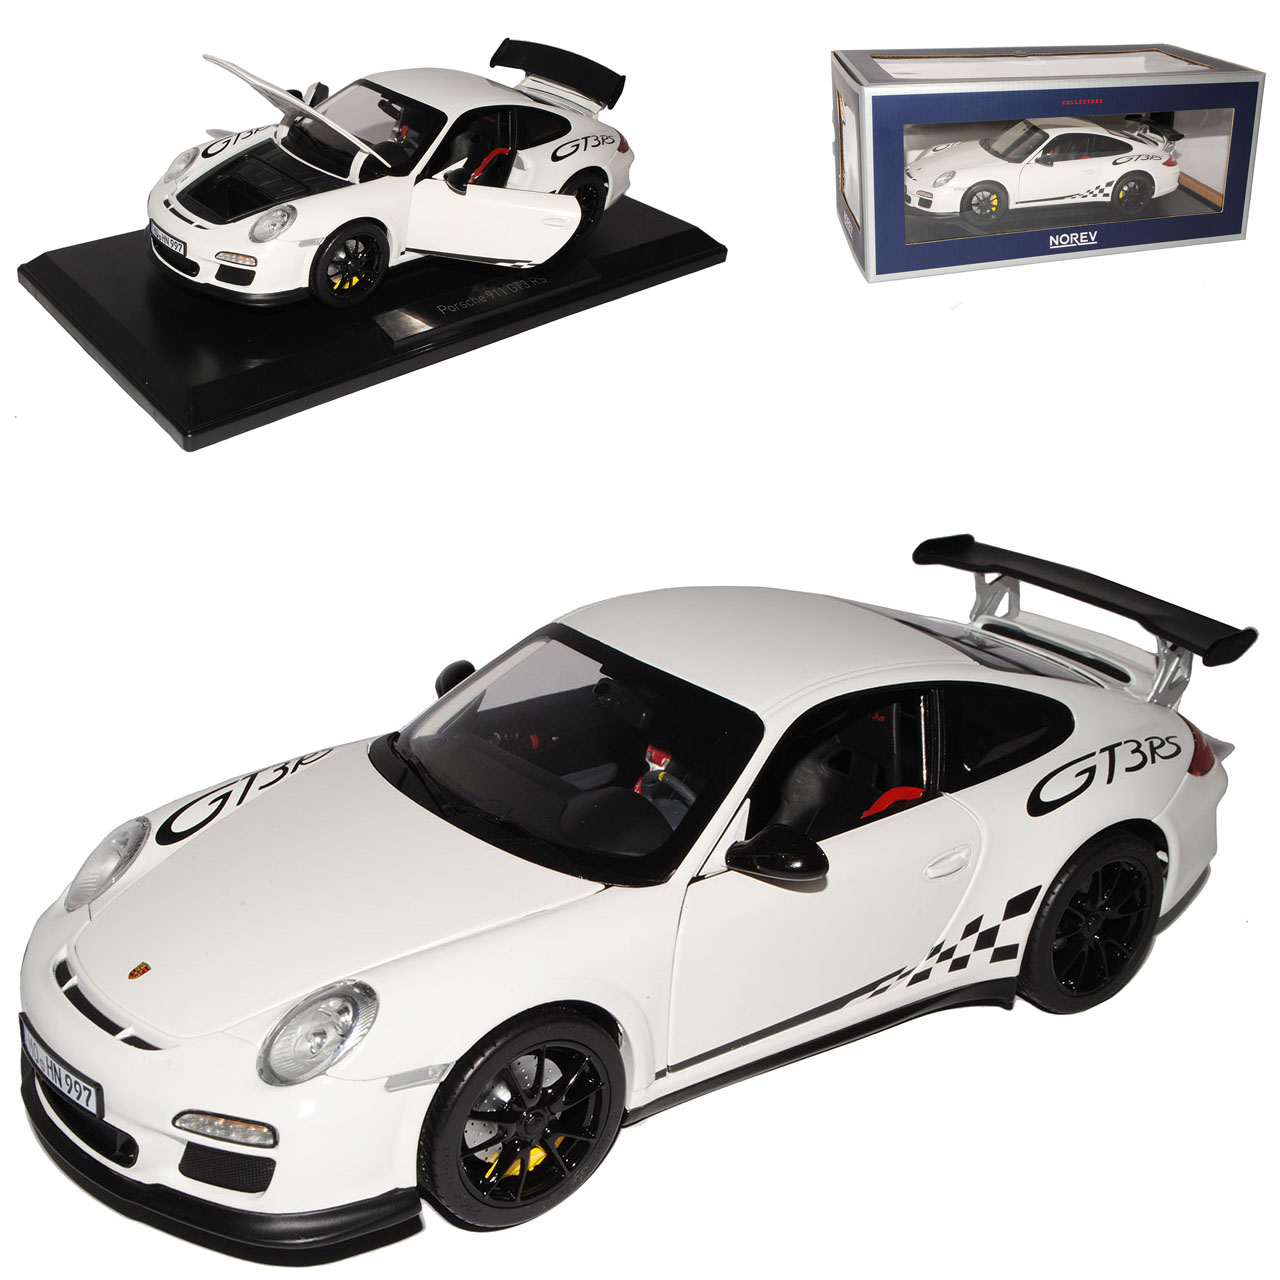 Porsche 911 997 gt3 rs Blanc 2004-2011 1 18 NOREV modèle voiture avec ou sans dans...